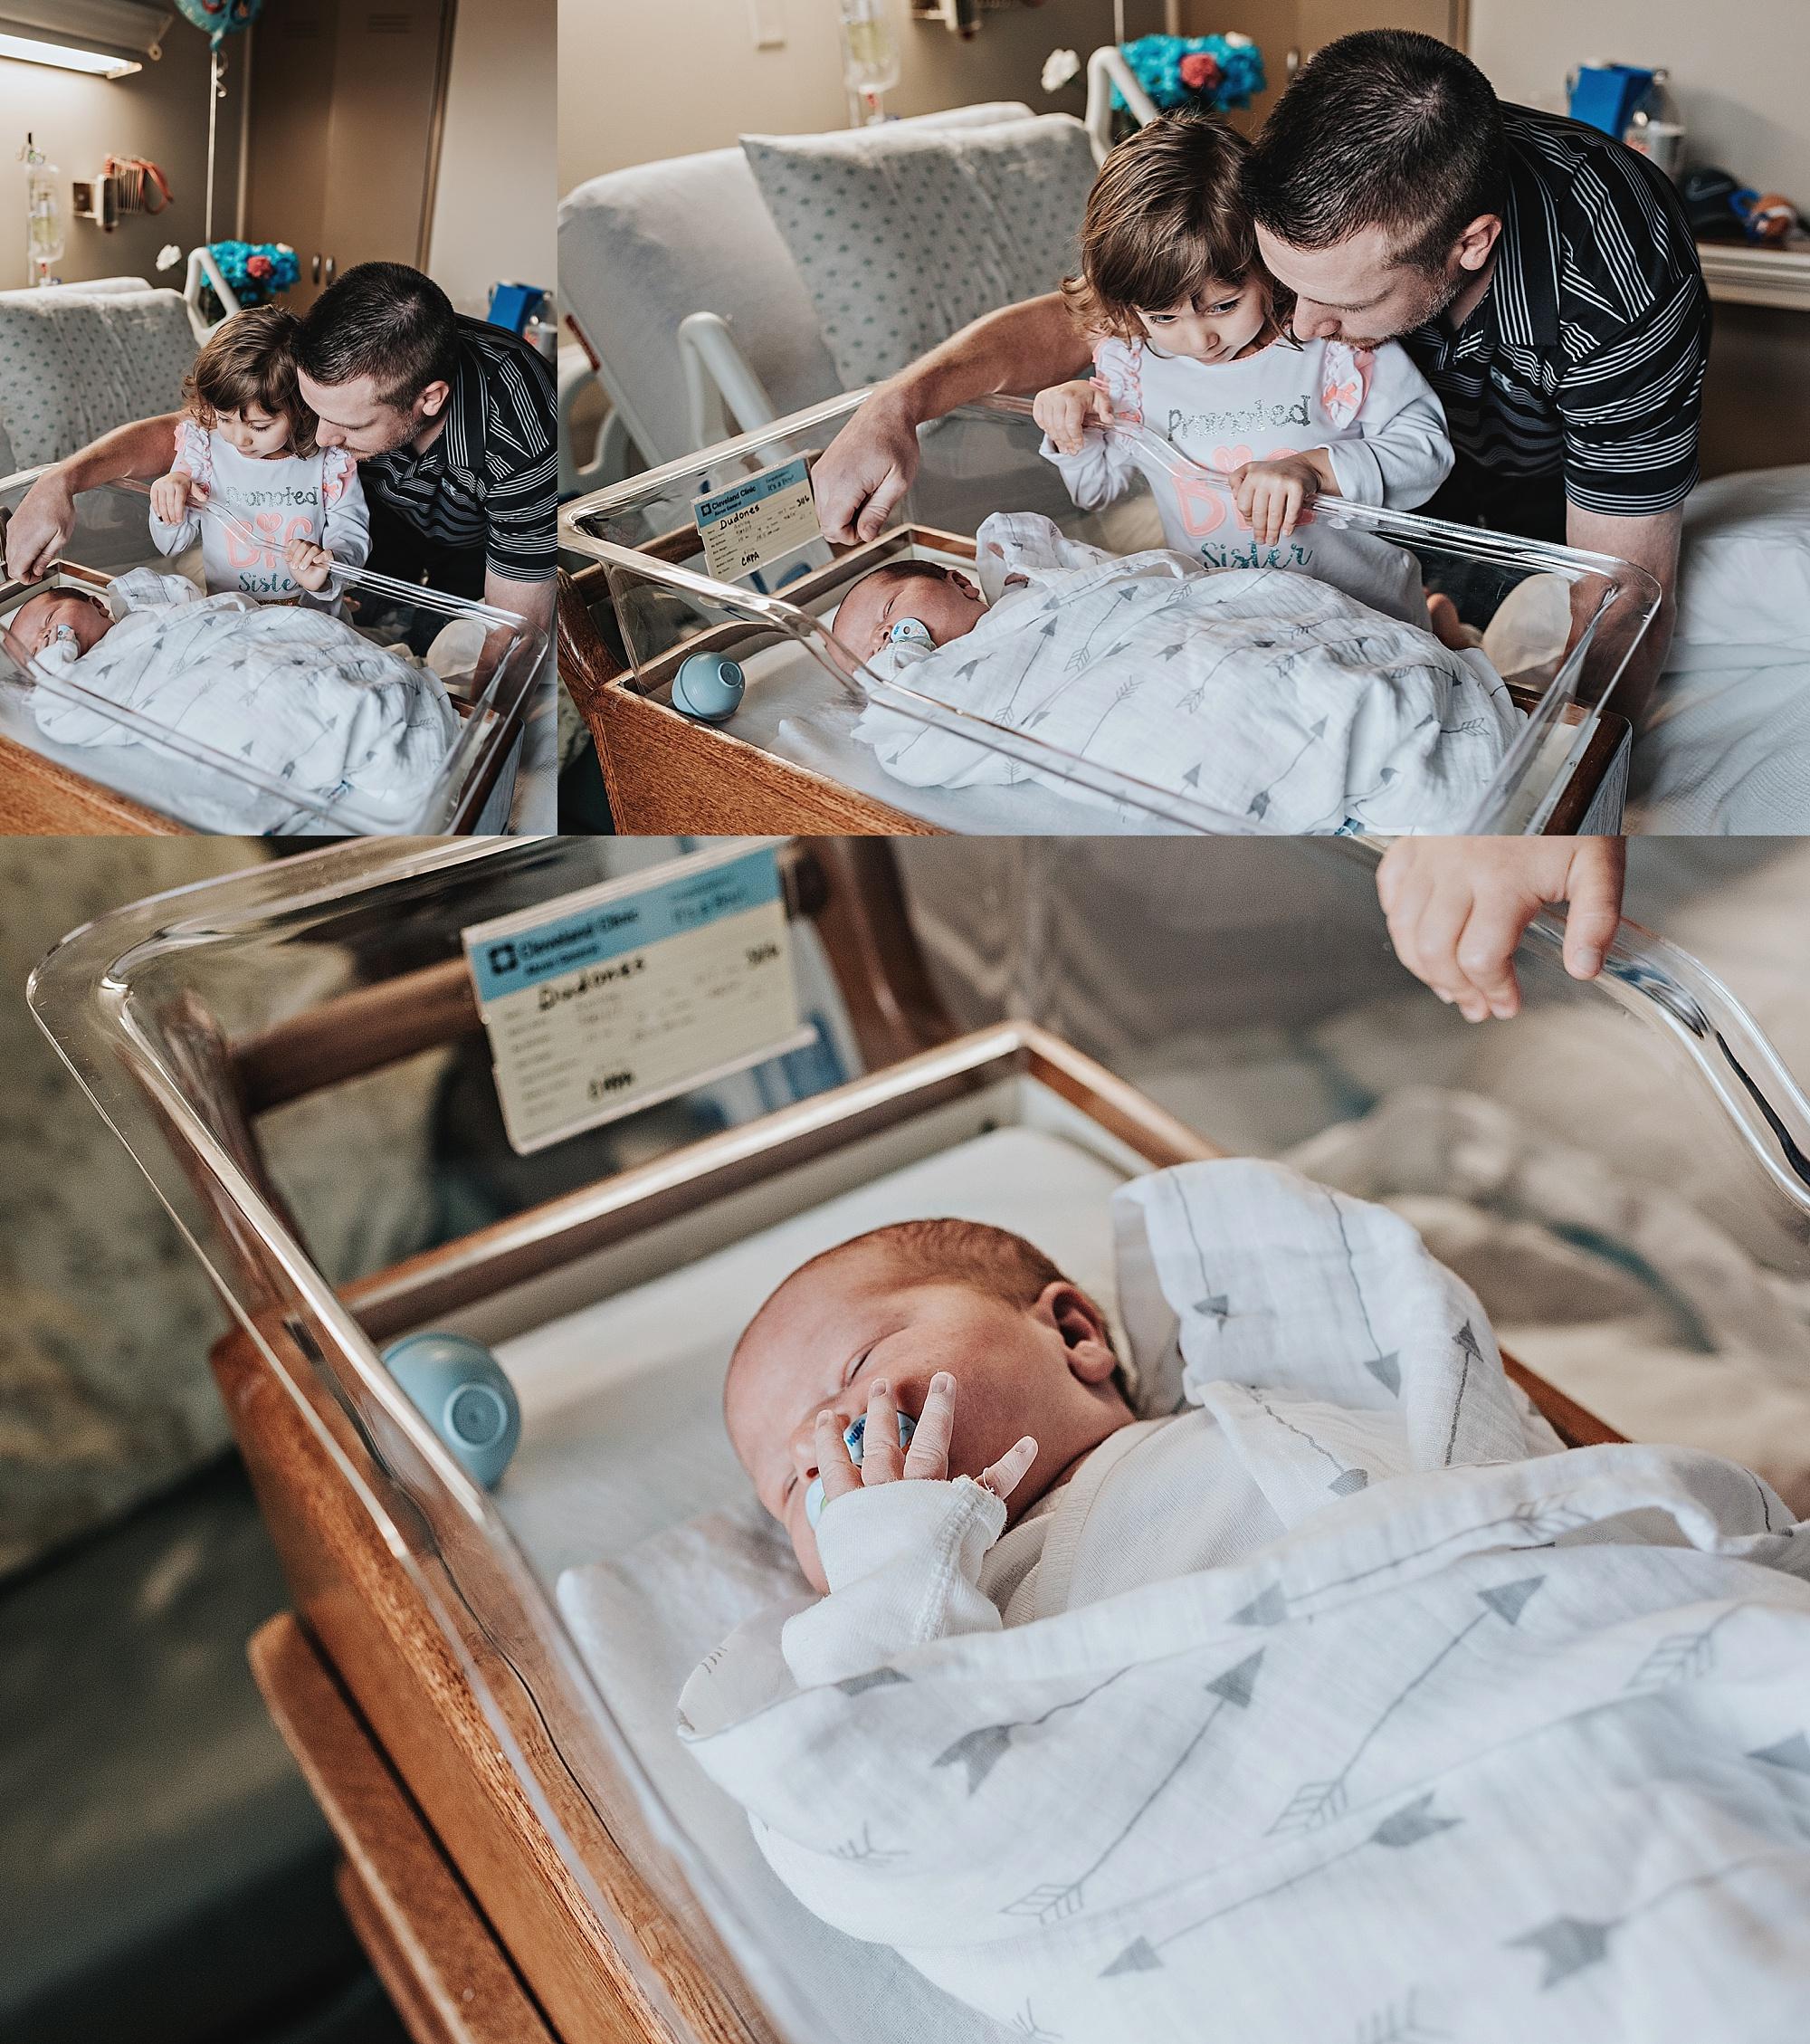 Dudones-family-cleveland-photographer-lauren-grayson-fresh-48-session_0024.jpg